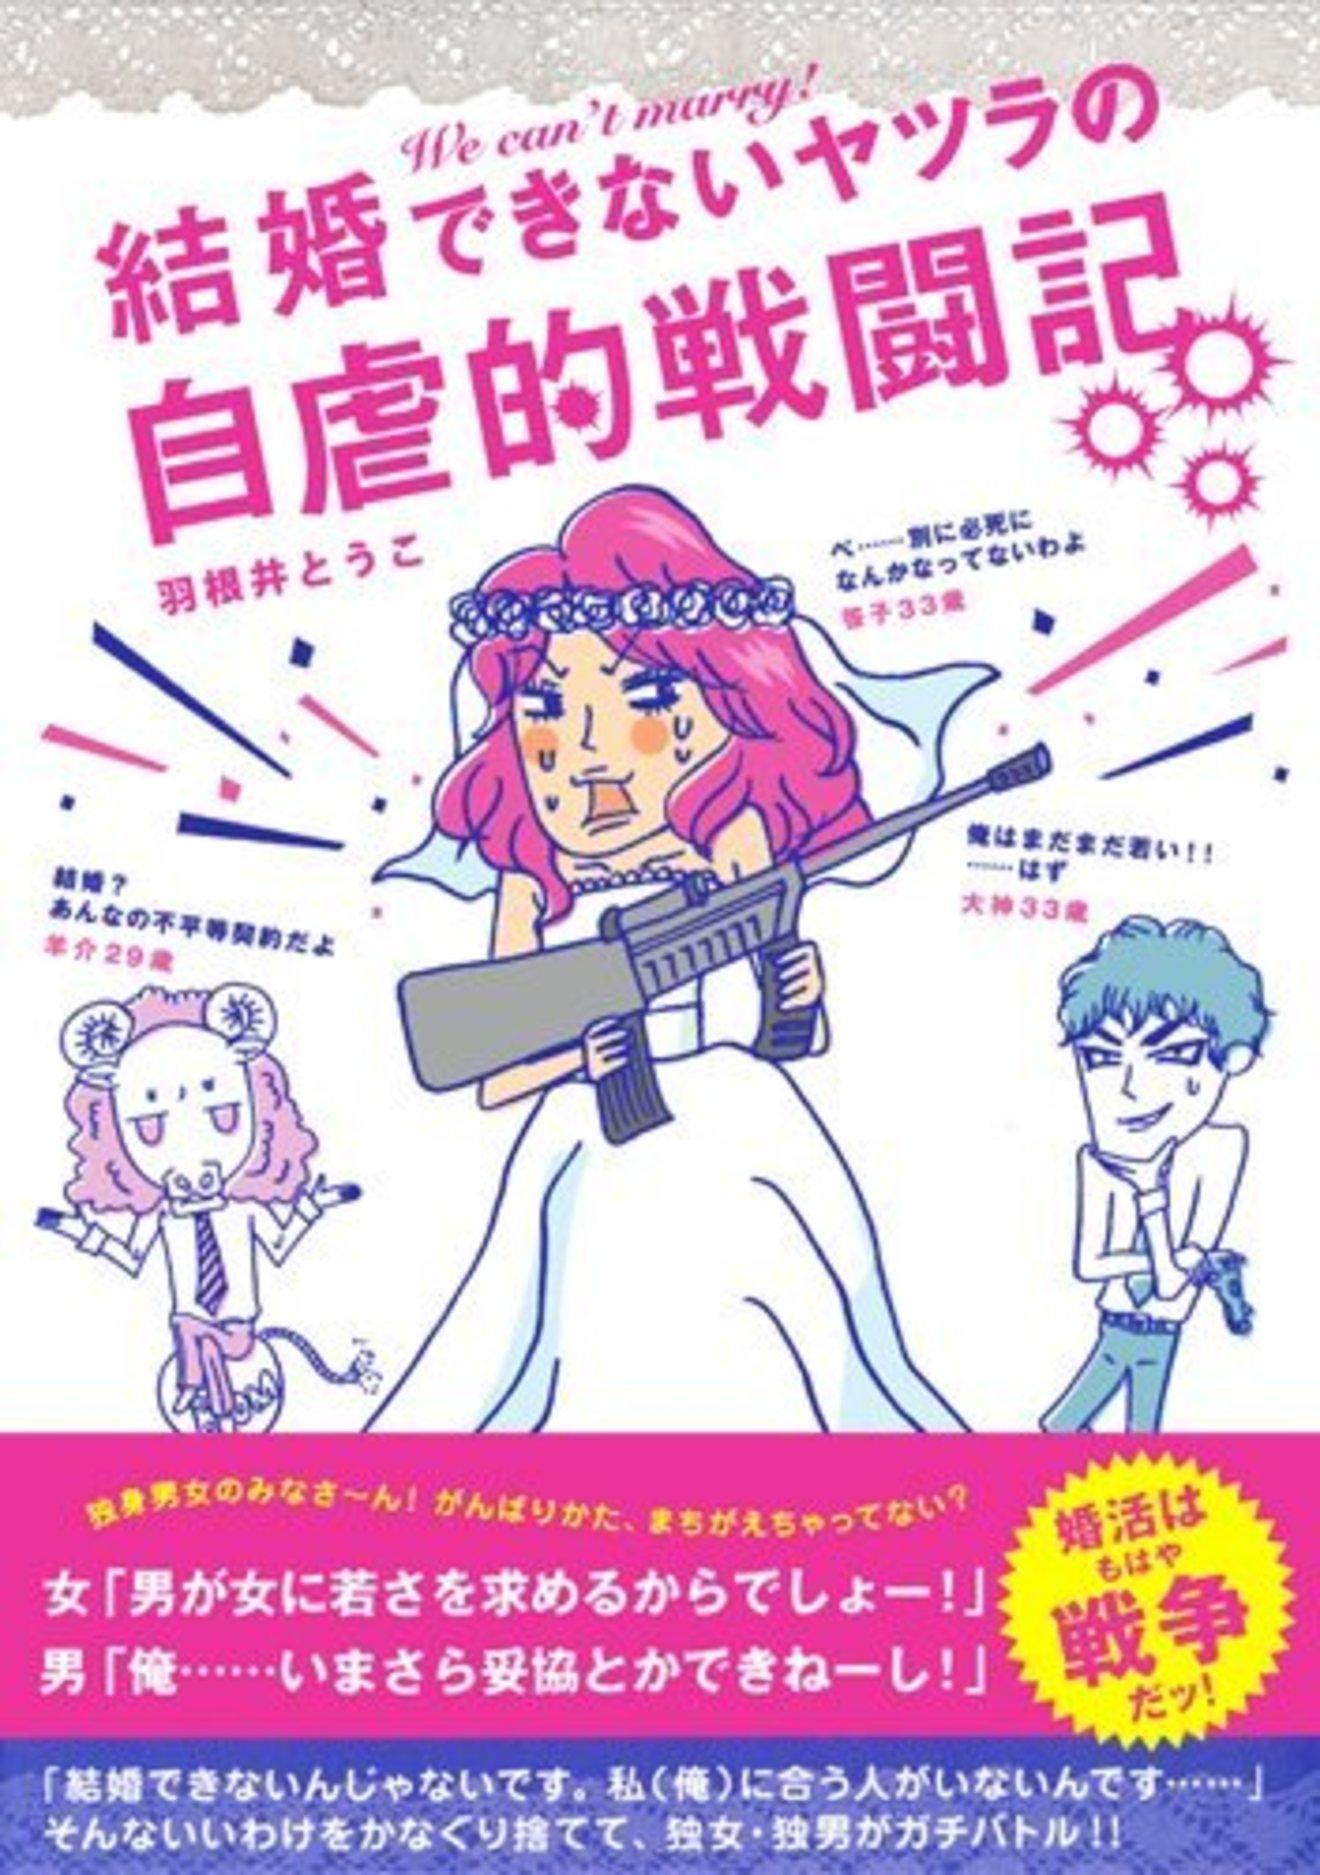 アラフォー、アラサーに響く!?婚活漫画5選!